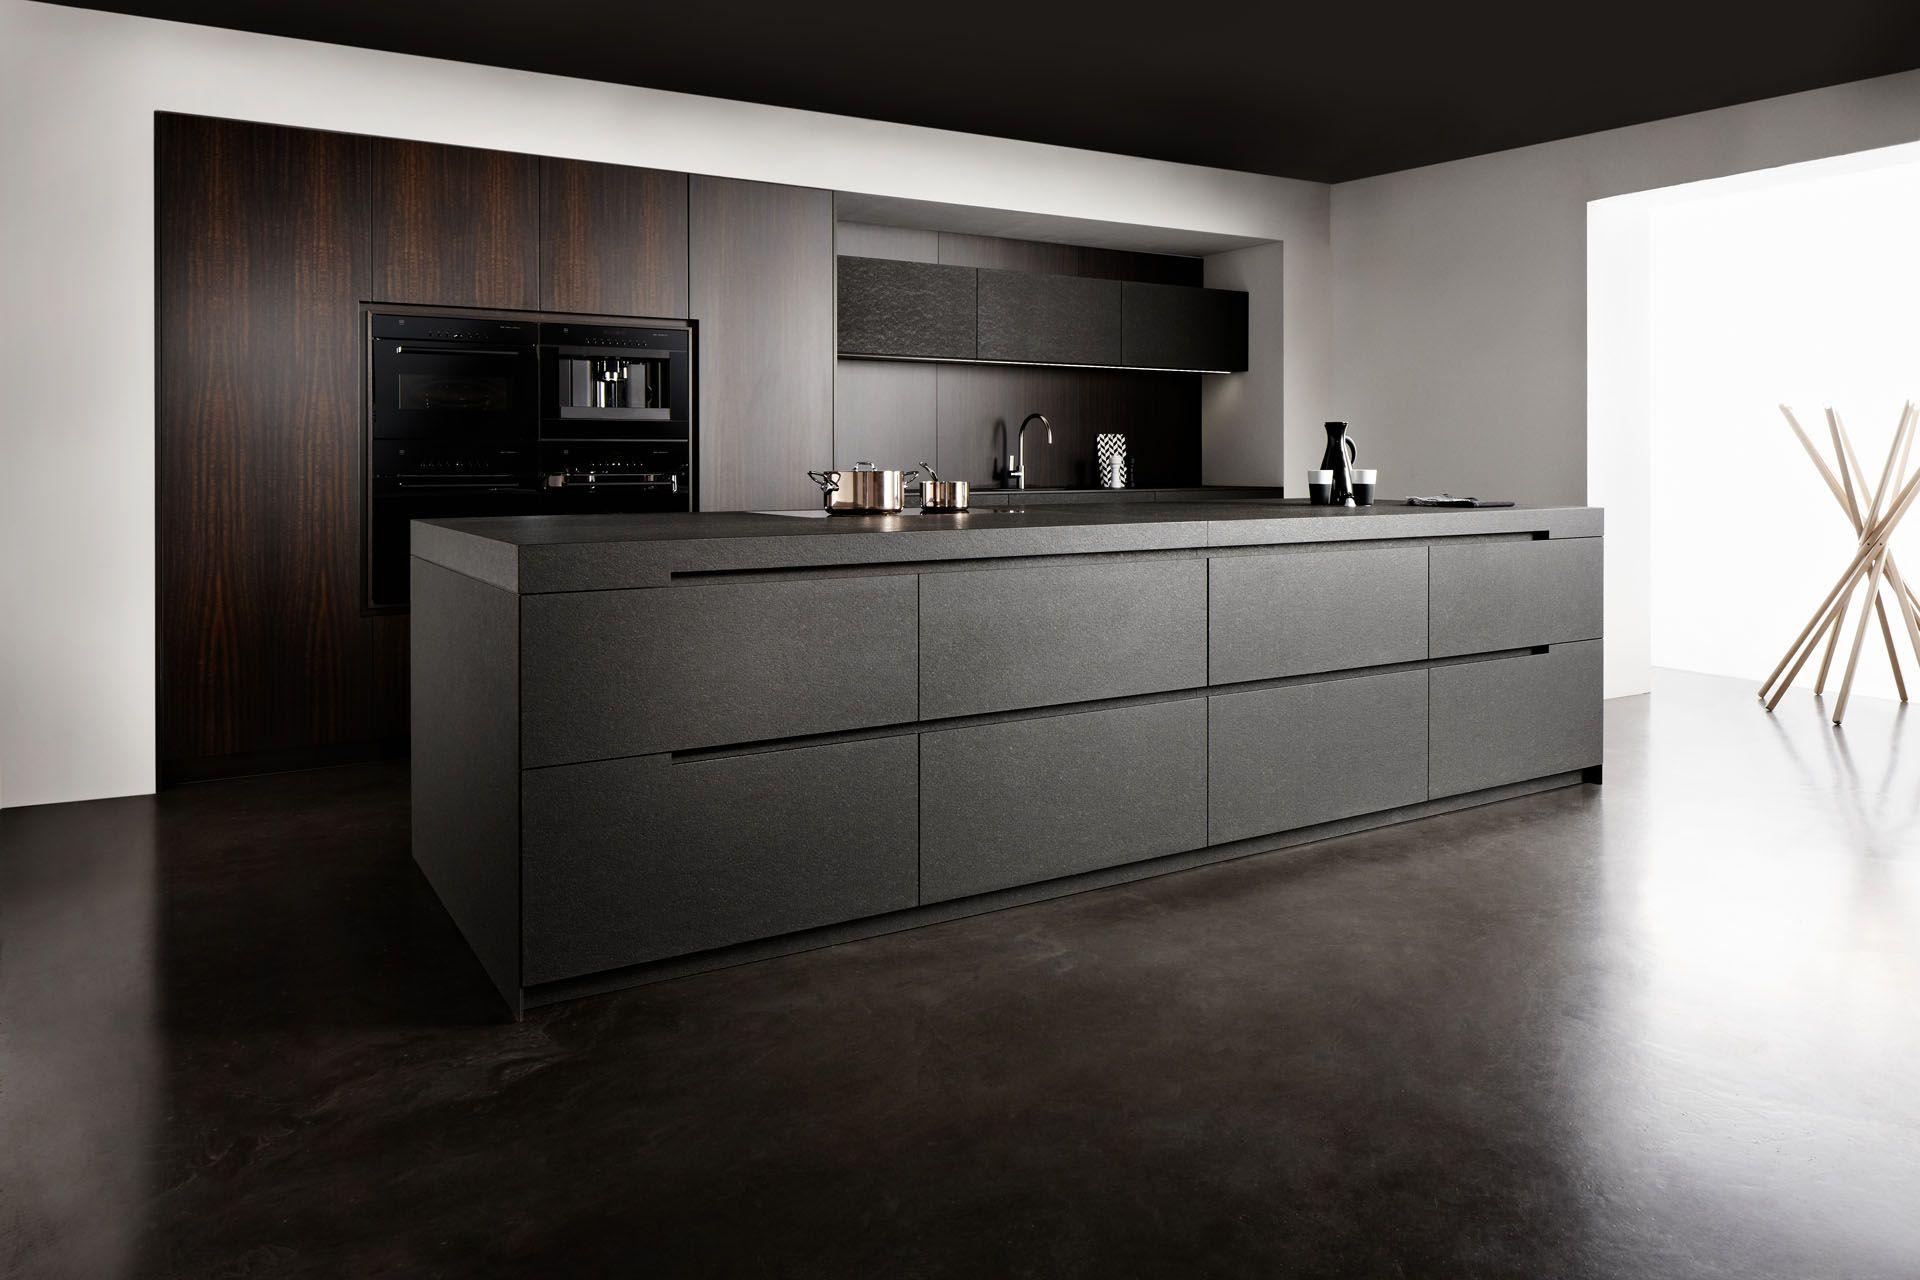 Eggersmann Keukens | Kitchens | Pinterest | Küchen design, Küche und ...